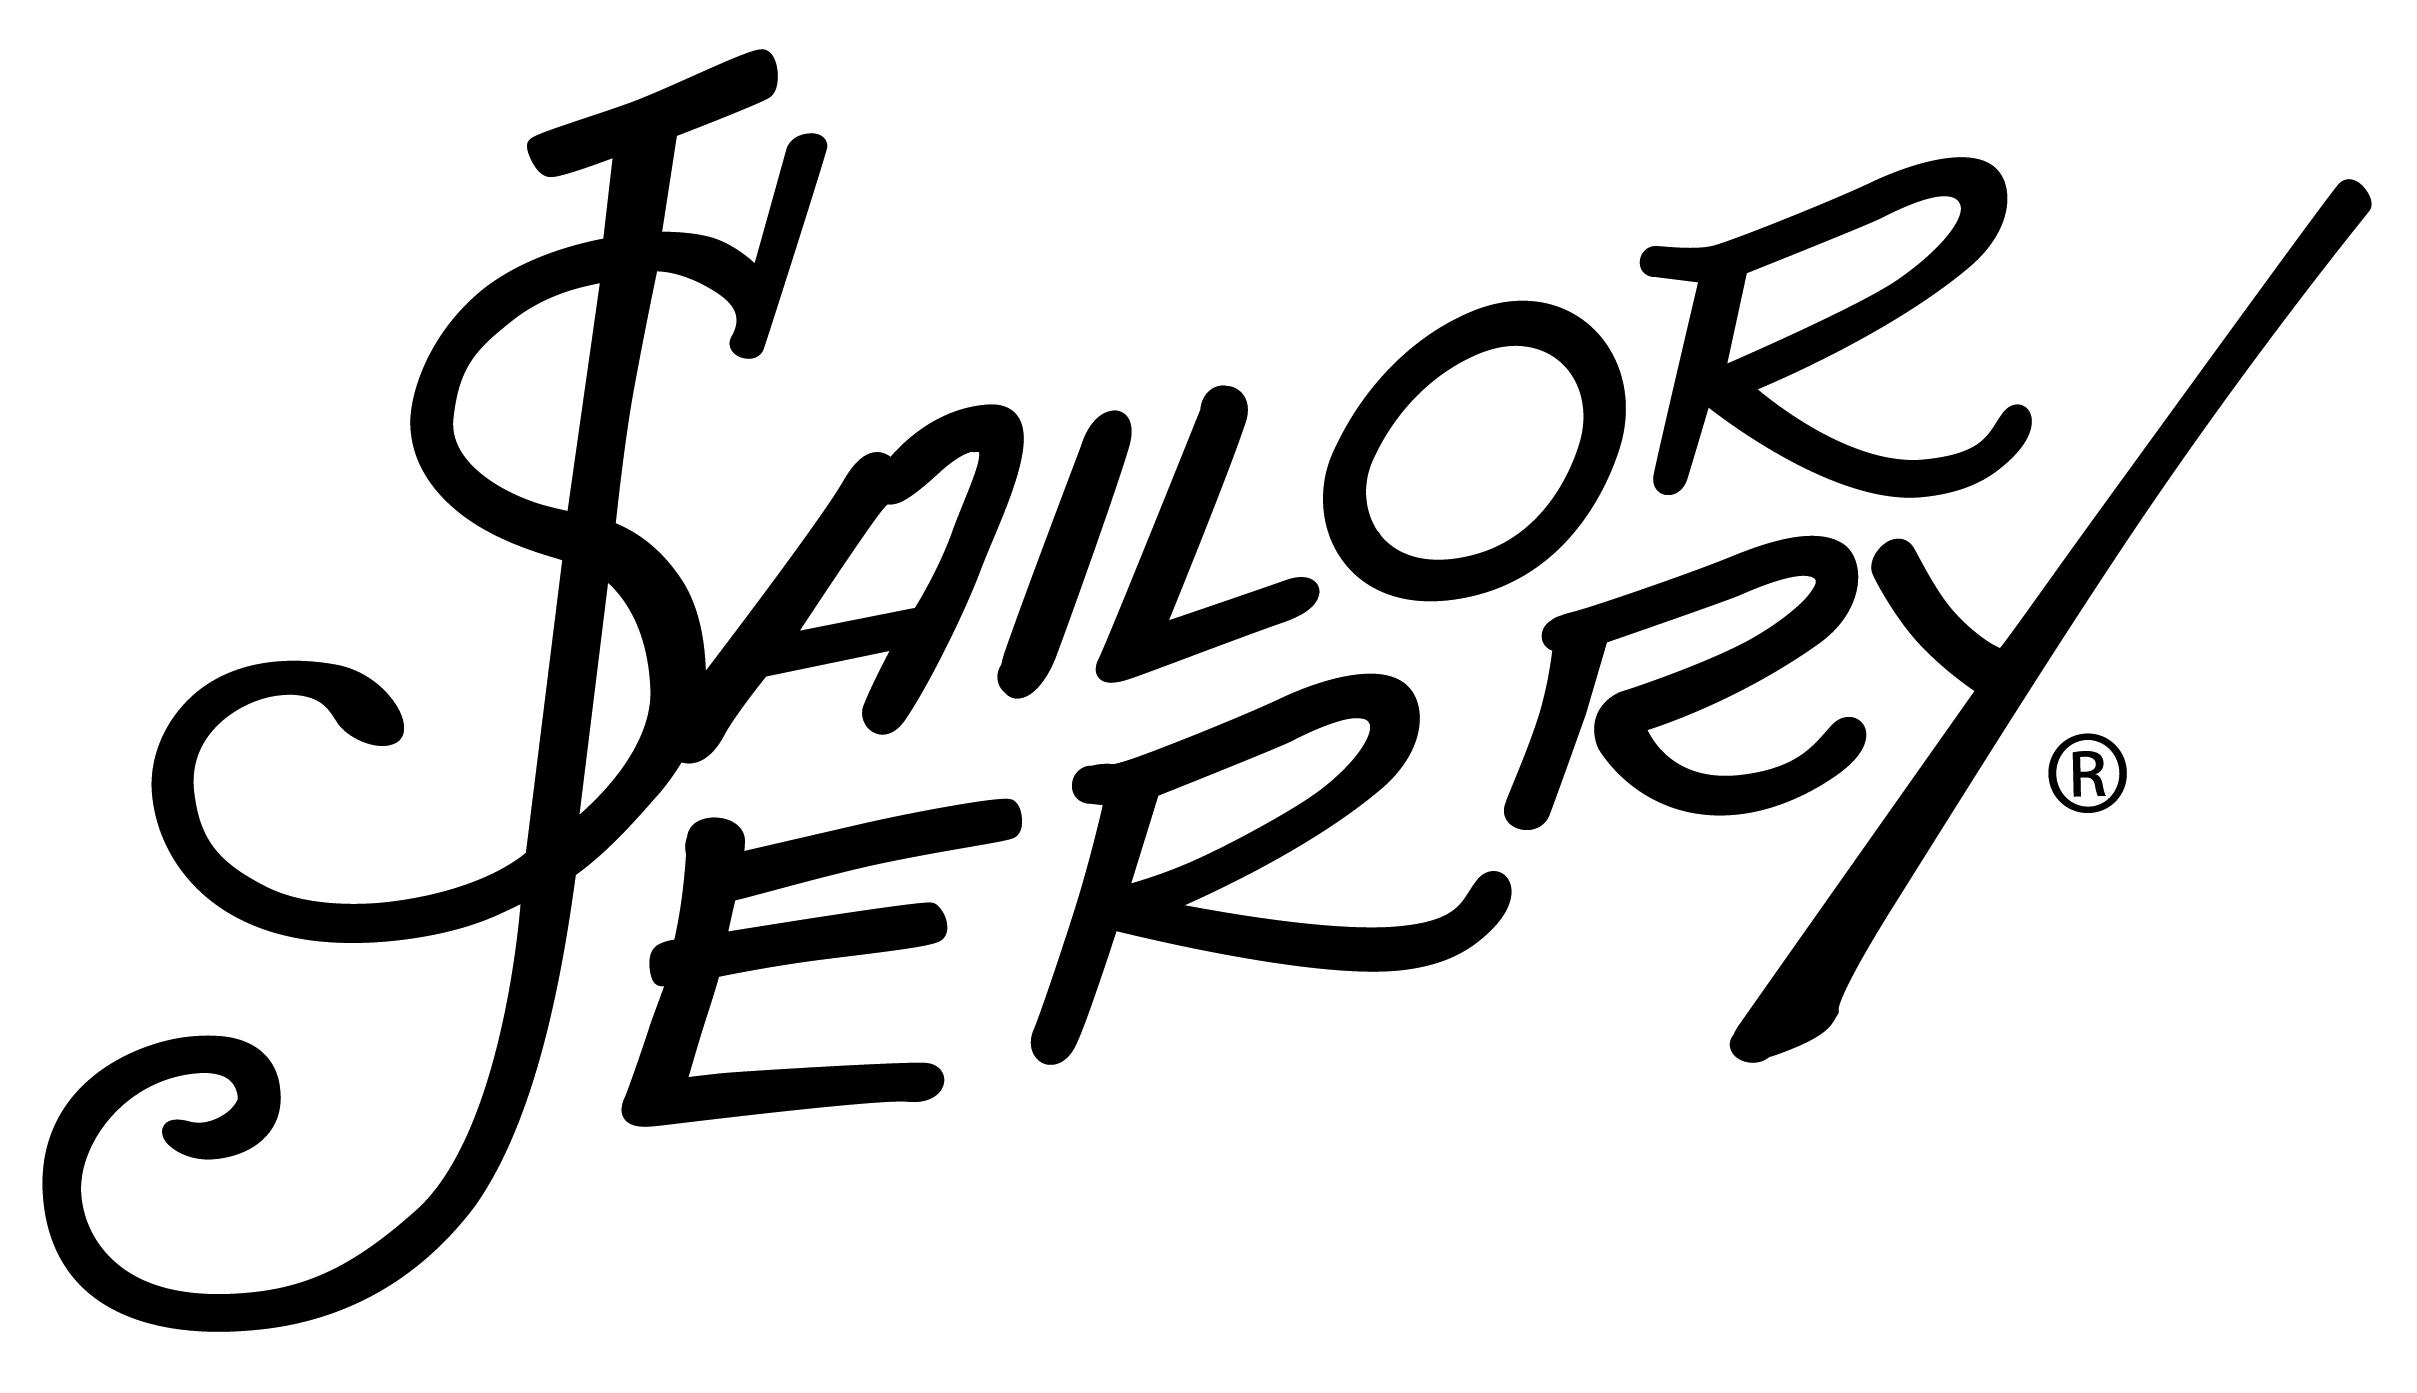 Sailor Jerry EPRW